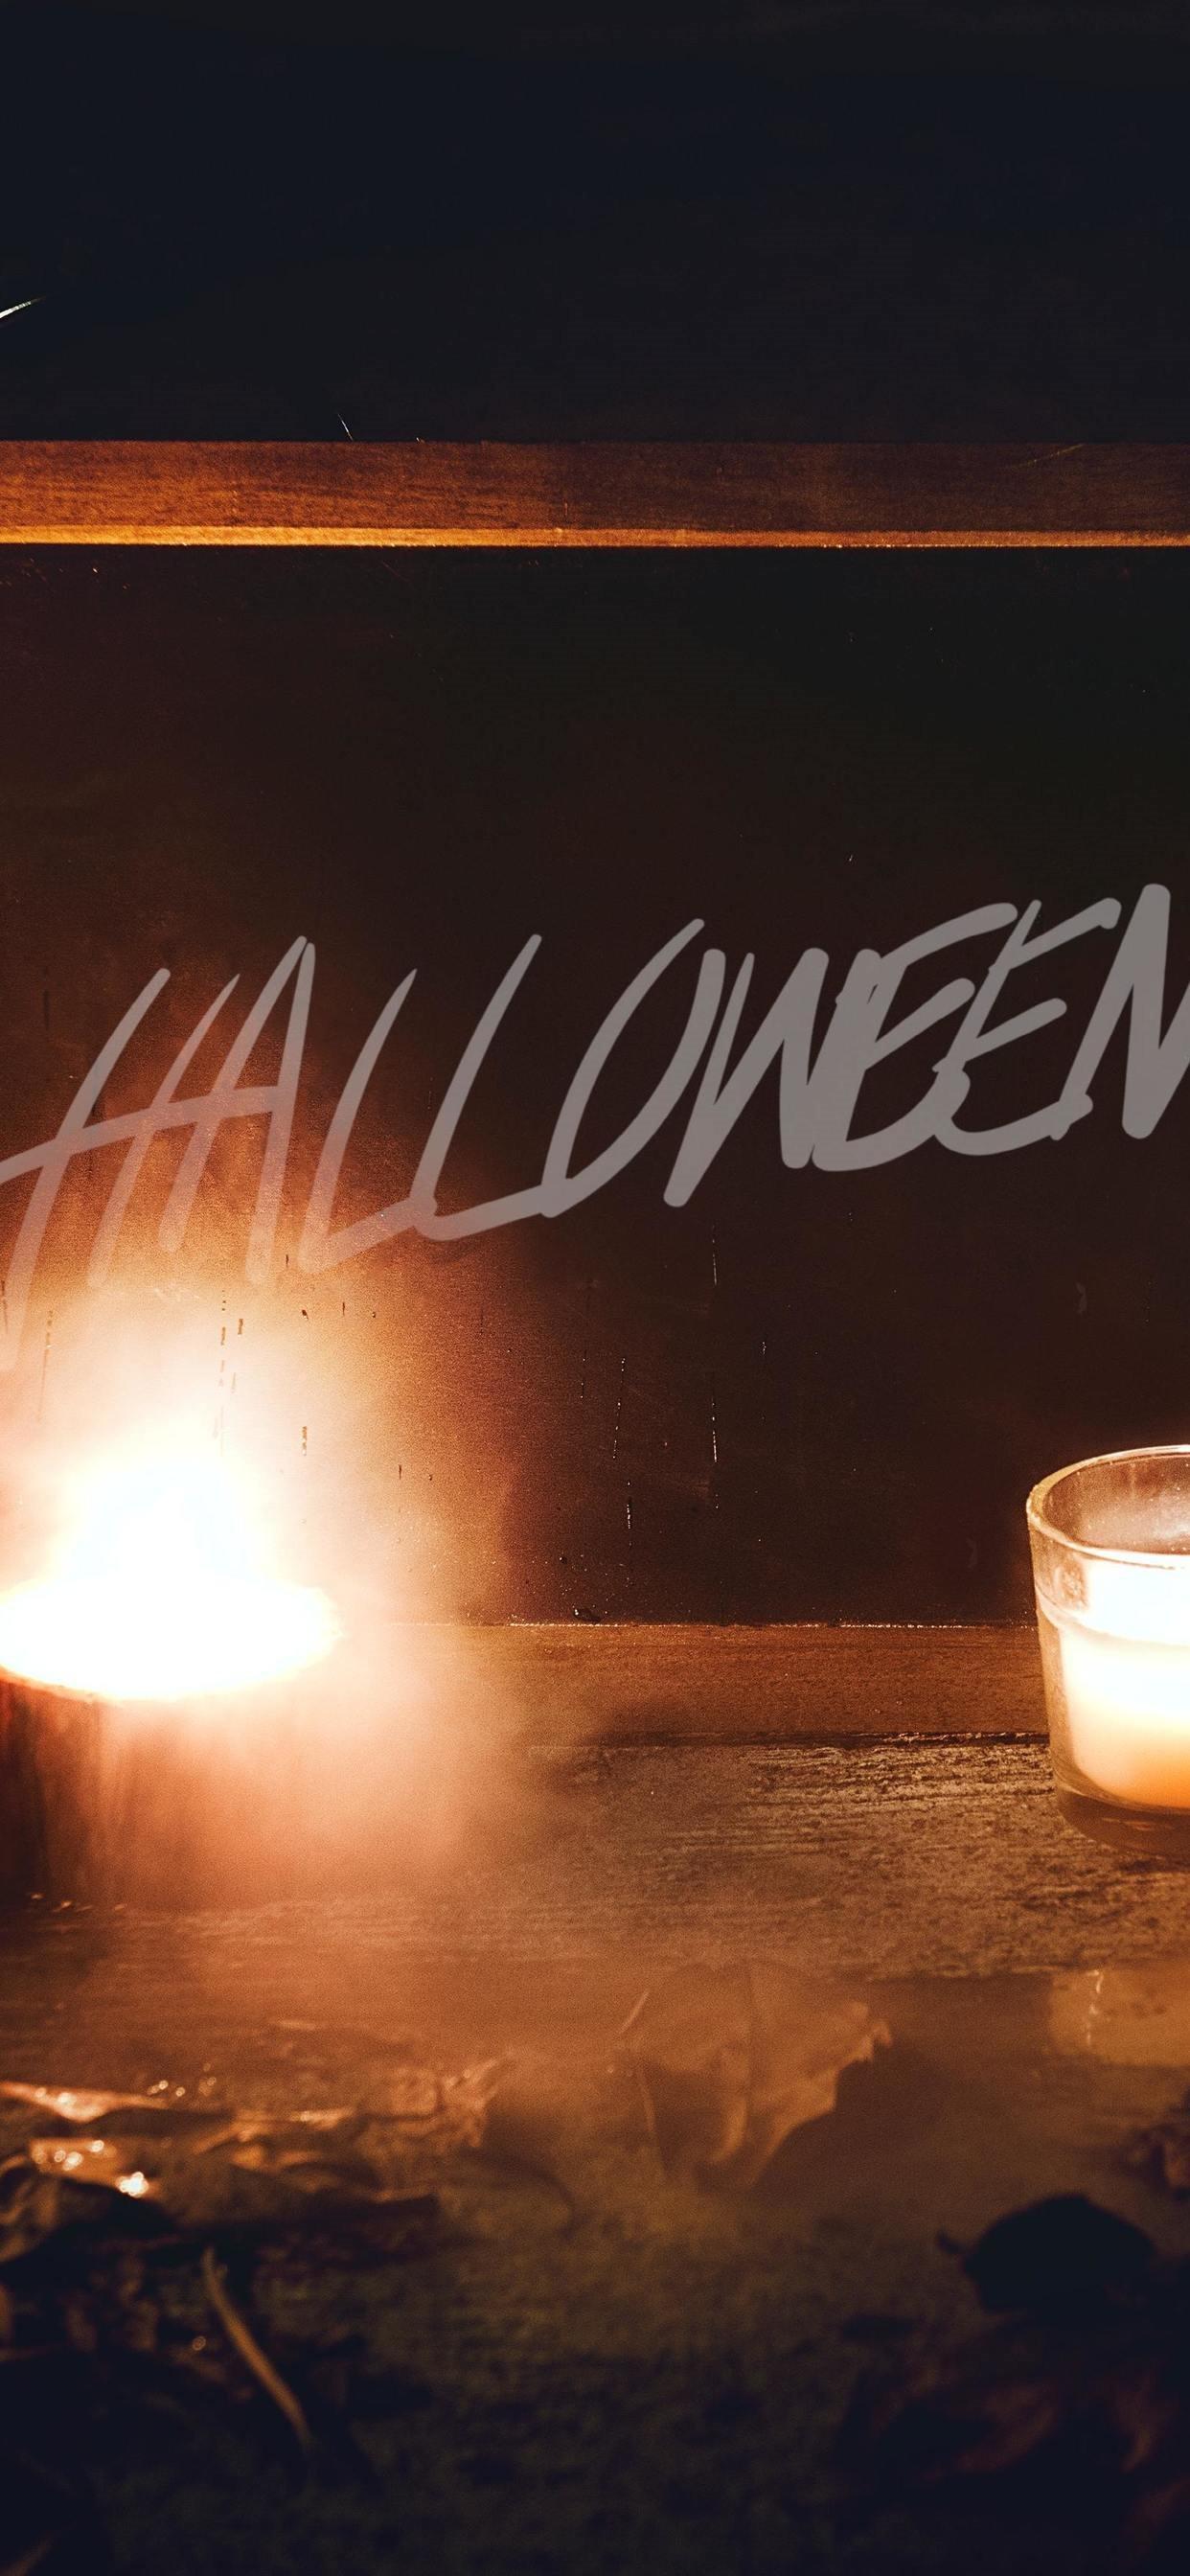 Halloween Iphone Wallpapers Free Download